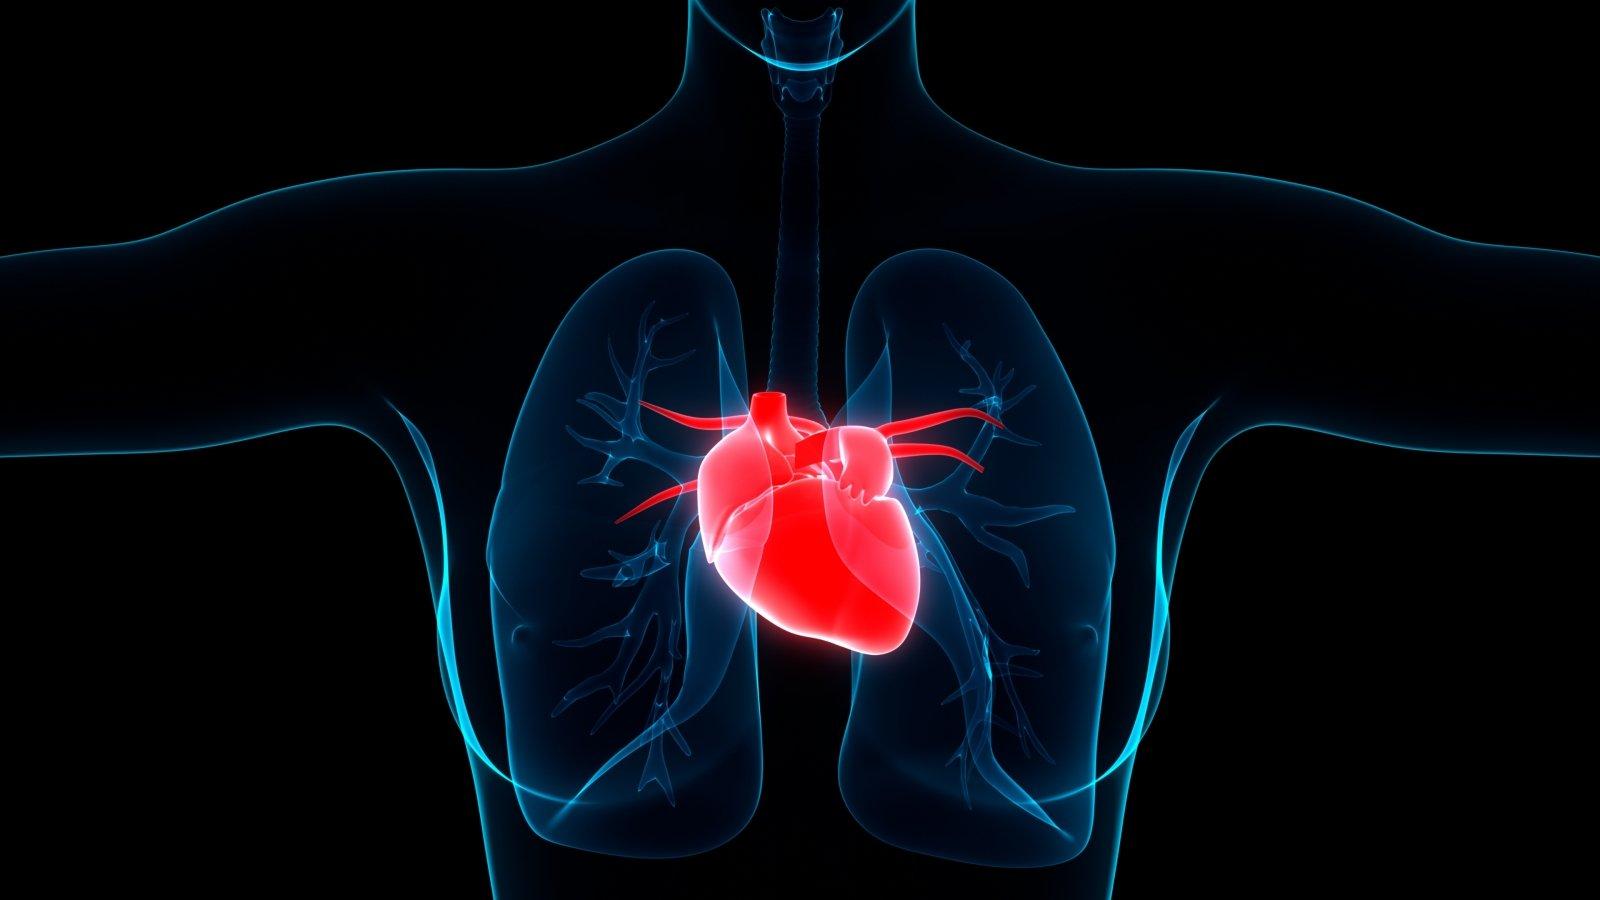 Penkios svarbiausios medžiagos širdžiai